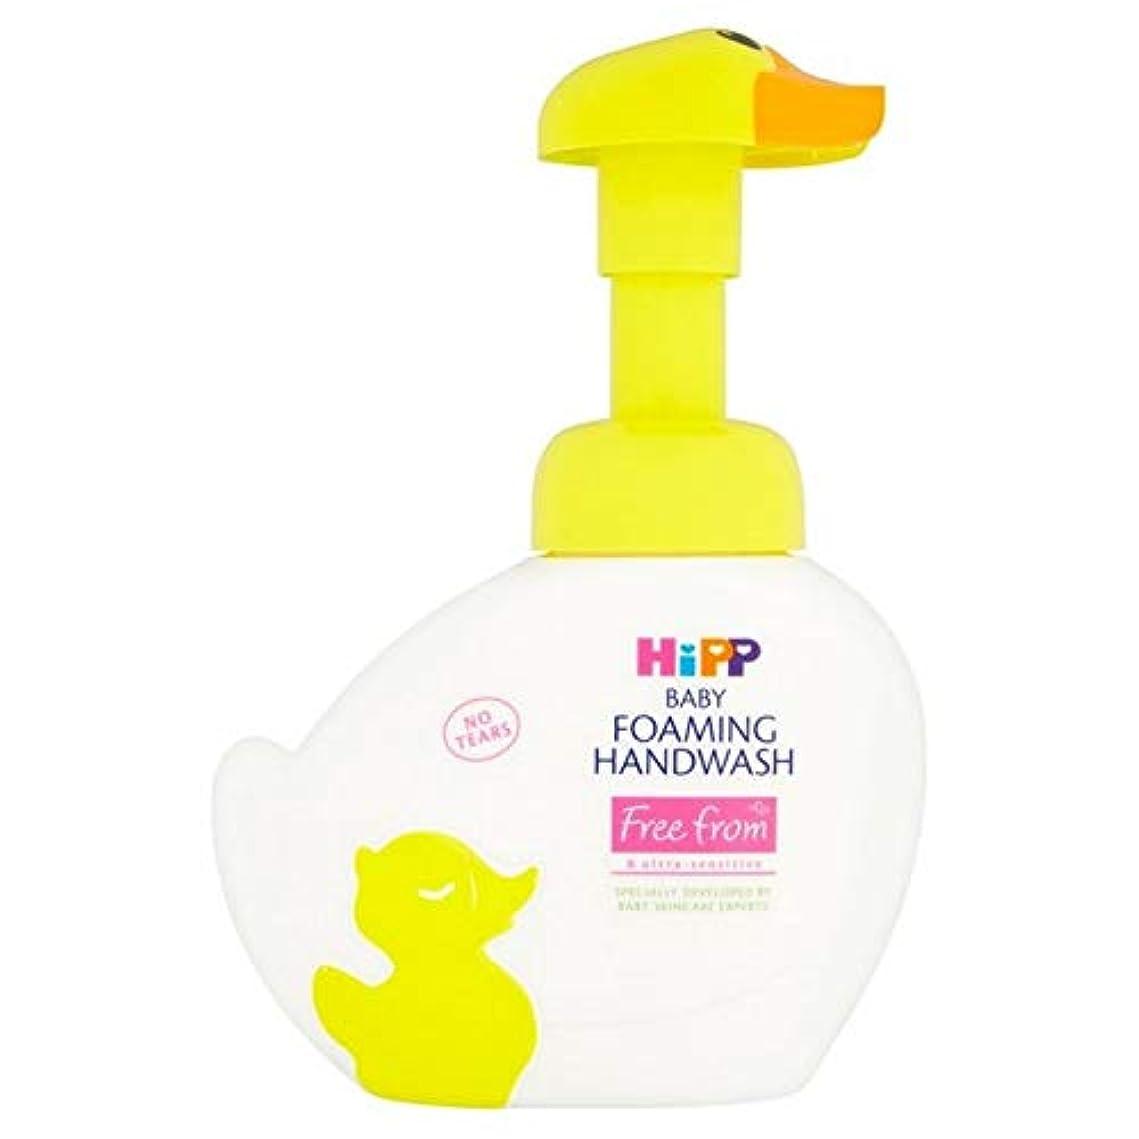 全部スリルその後[Hipp ] ヒップアヒル発泡手洗いの250ミリリットル - HiPP Duck Foaming Handwash 250ml [並行輸入品]